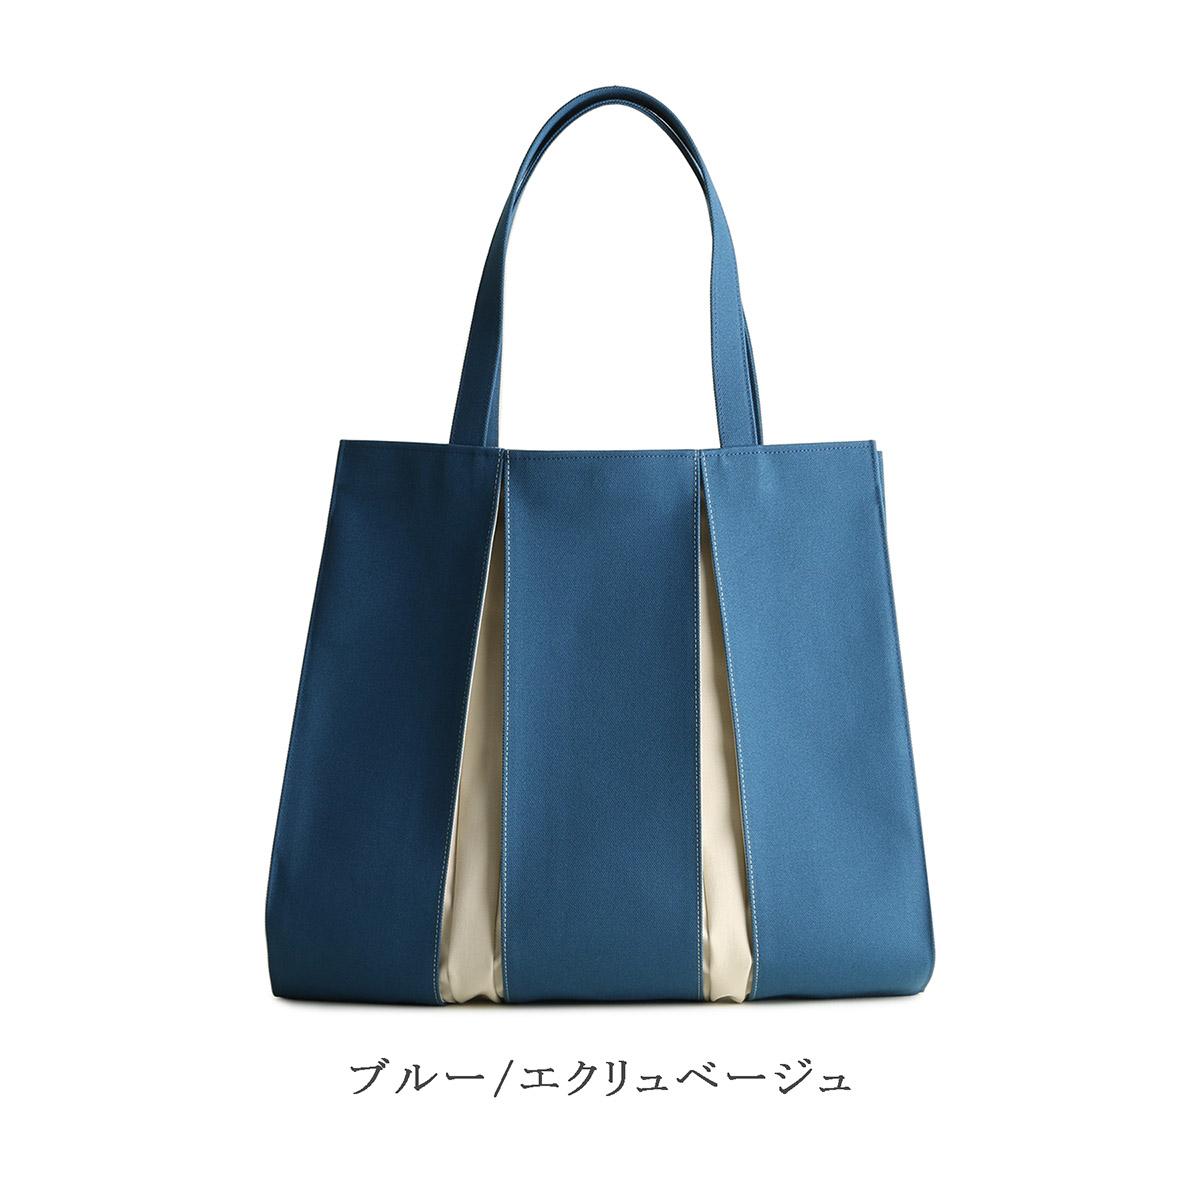 KOSHO ougi 帆布トートバッグ LH